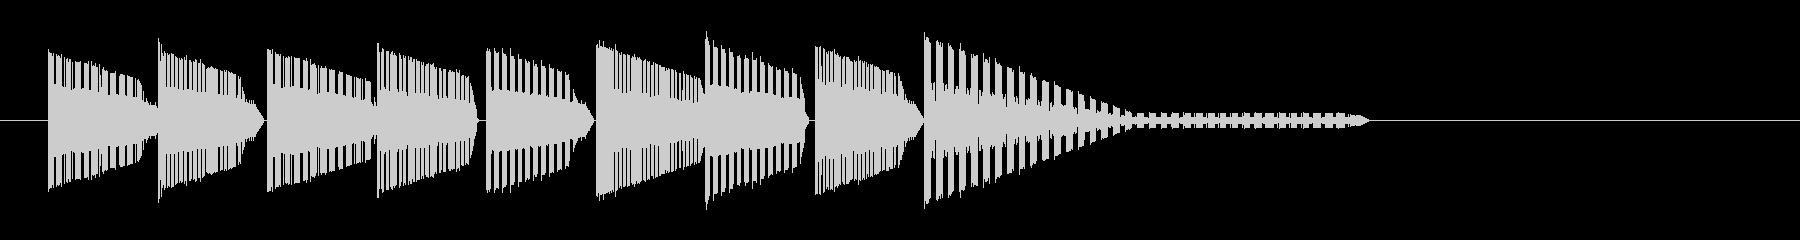 レトロゲーム風・中華風ジングル4の未再生の波形